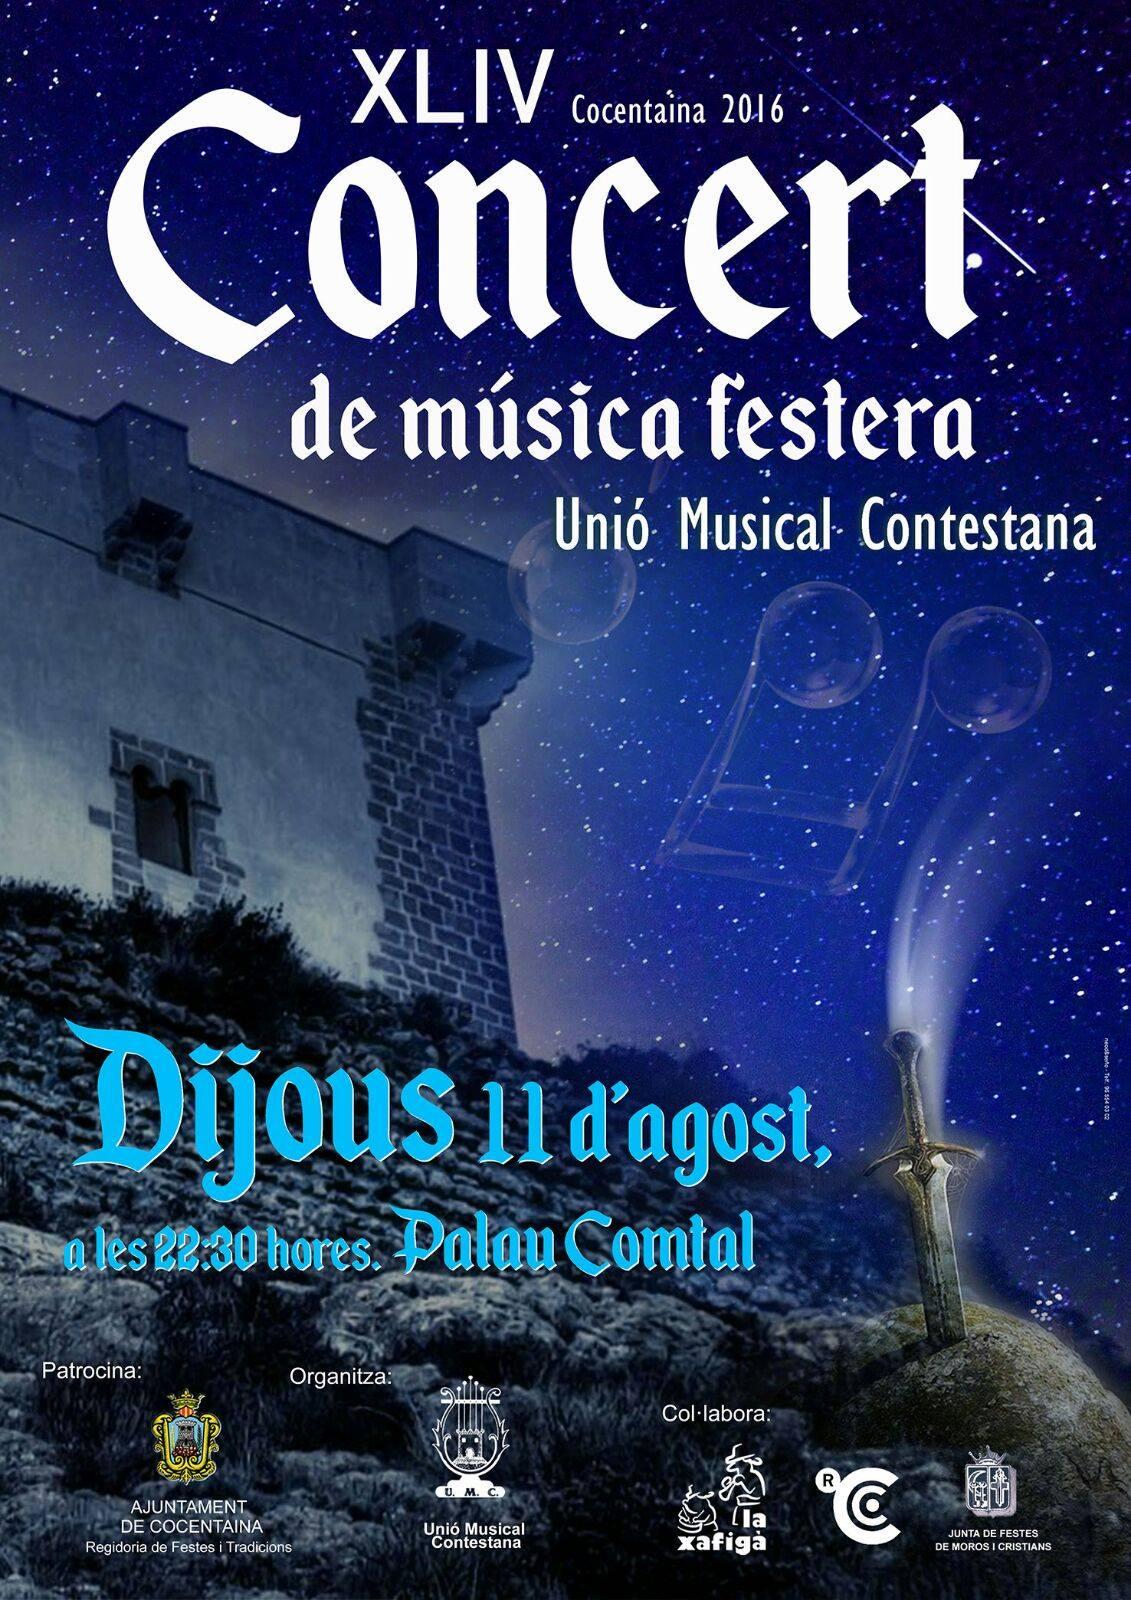 XLIV CONCERT de Música Festera, de la UNIÓ MUSICAL CONTESTANA